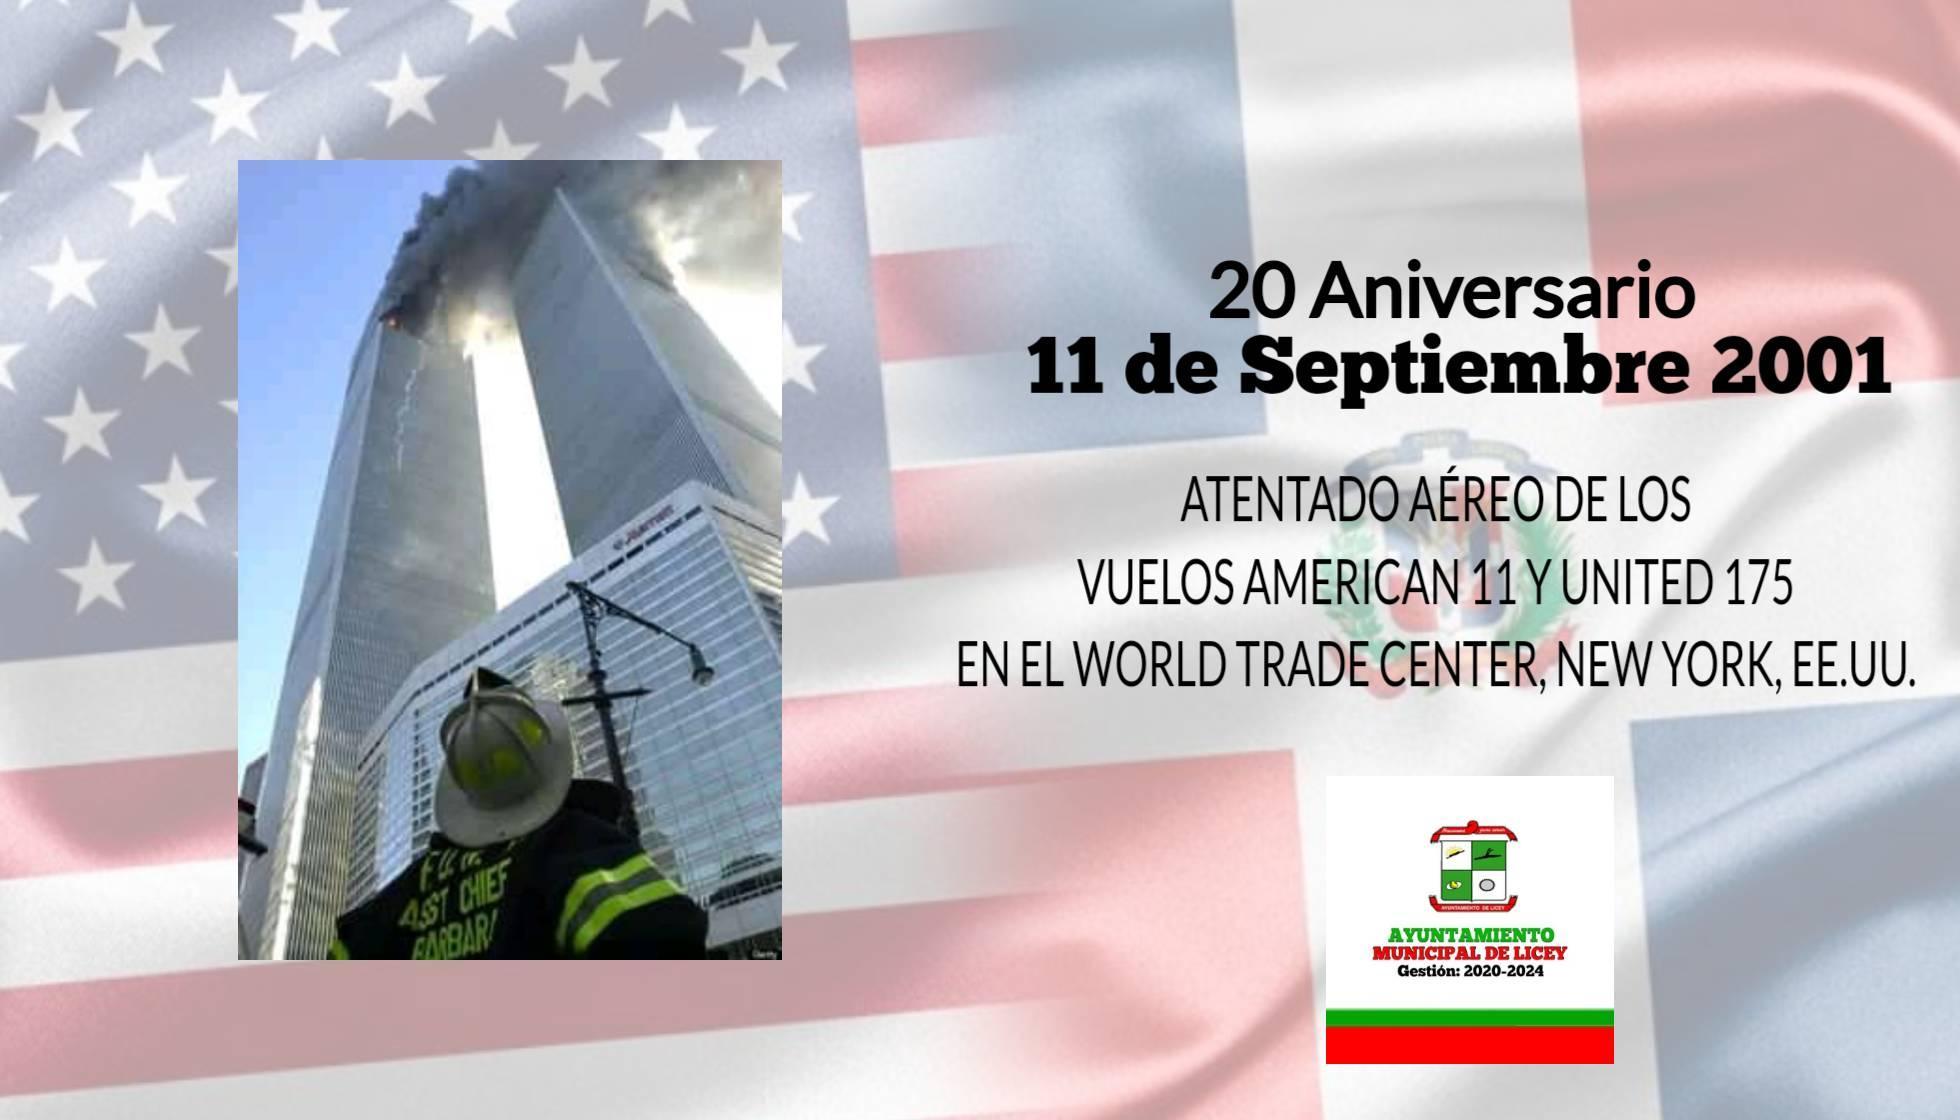 Hoy nuestro Ayuntamiento de Licey conmemora los 20 años de los atentados del 11 De Septiembre.